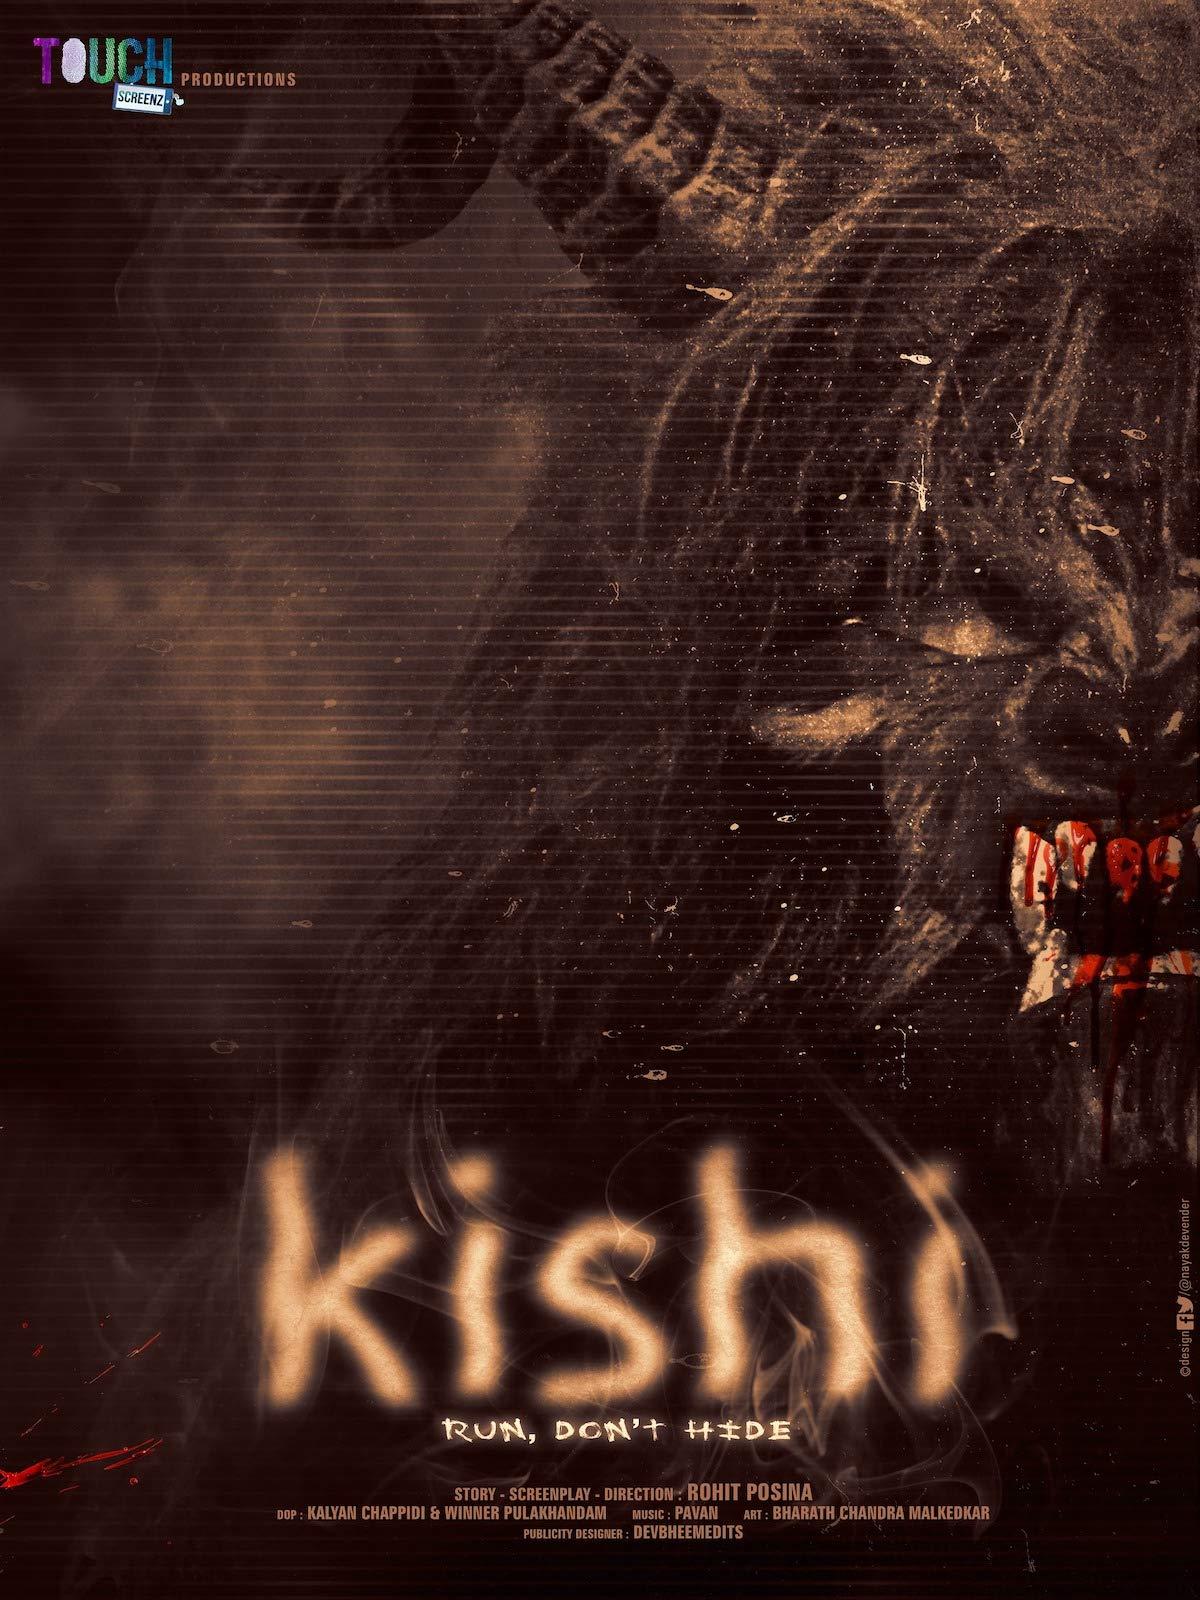 Kishi - Run Don't Hide